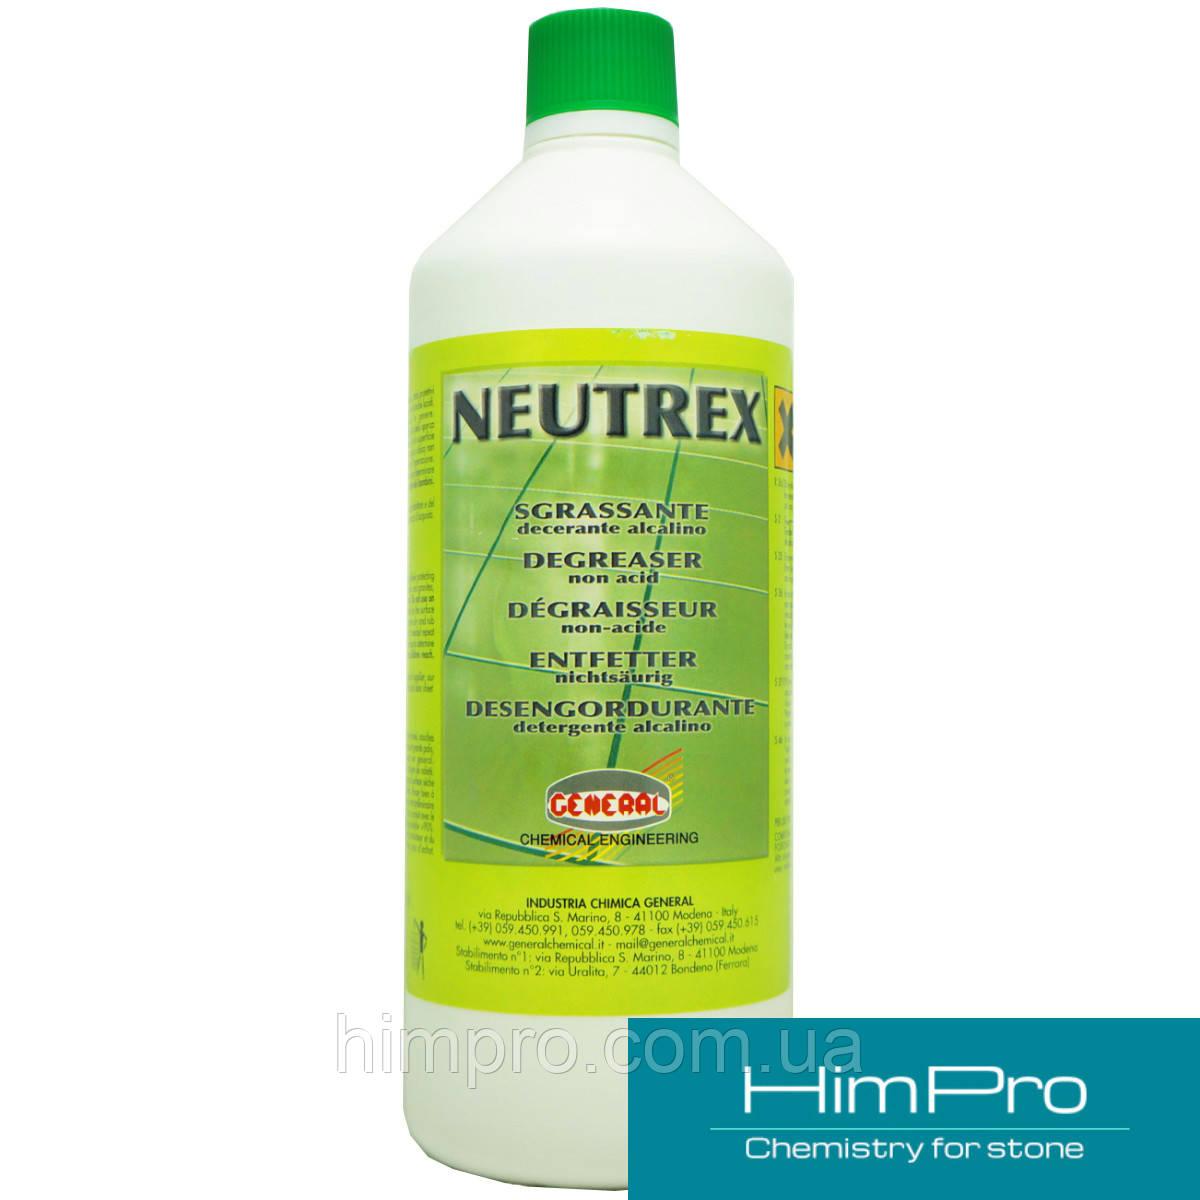 NEUTREX 1L General Очиститель для мрамора, гранита ОРГАНИЧЕСКИЙ